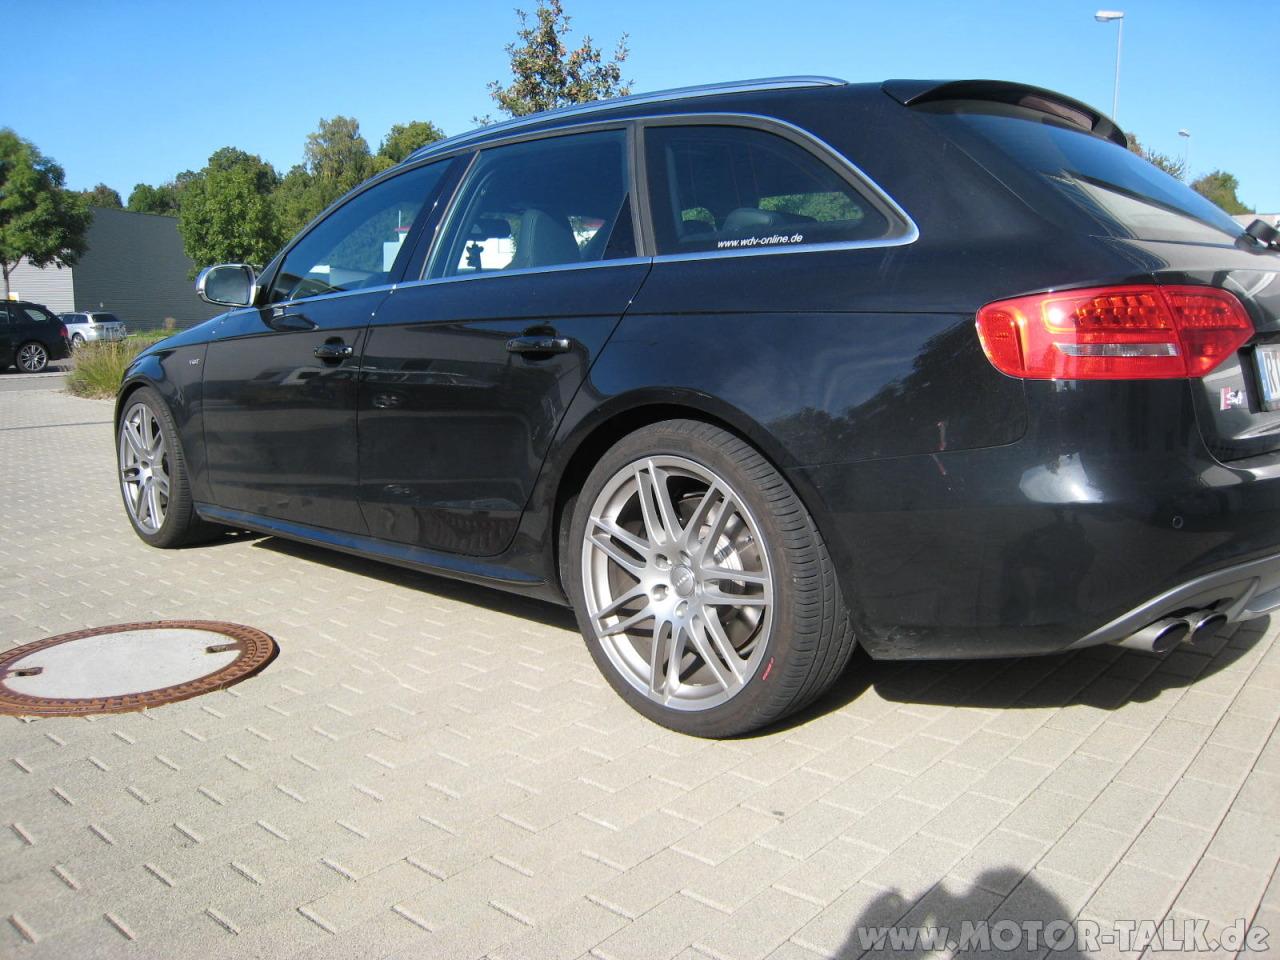 Img 5517 Audi S4 Avant Mit Eibach Pro Kit Und Bilstein